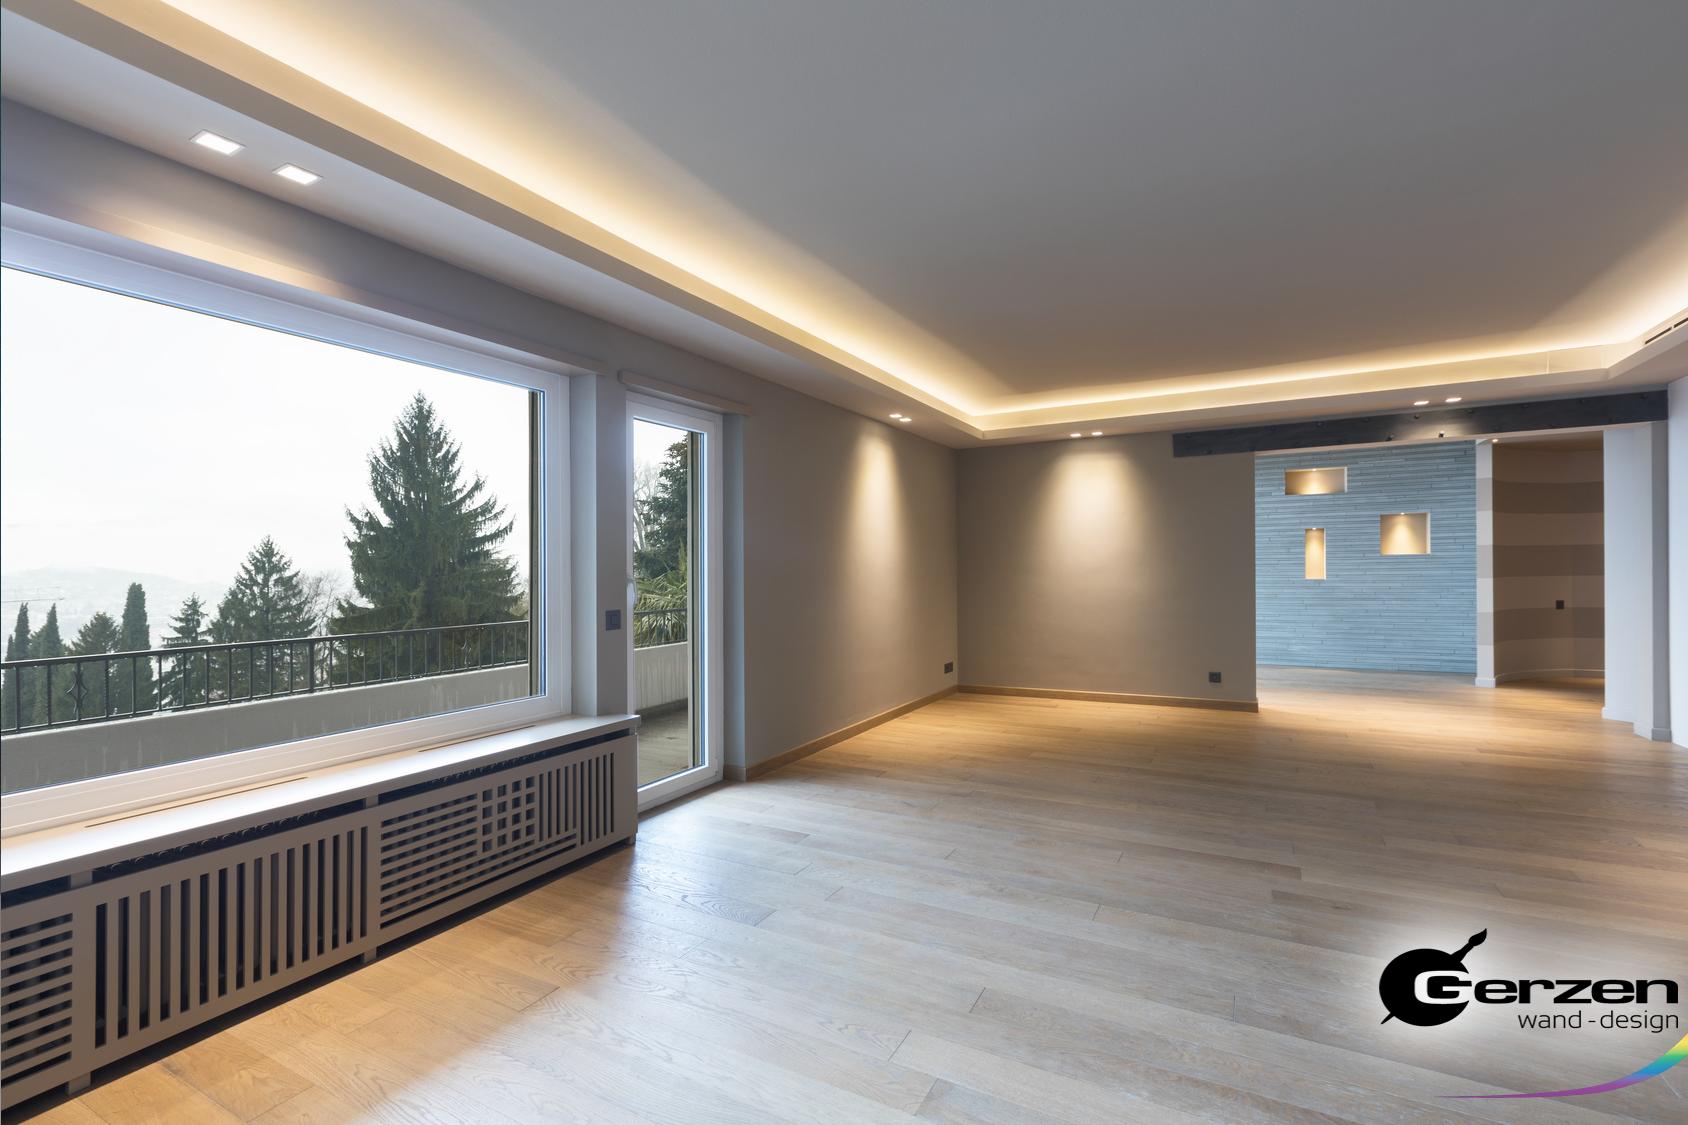 Abgehangte Decke In Einem Modernen Wohnzimmer Wandnischen Mit Indirekter Beleuchtung Trendiges Des Mit Bildern Beleuchtung Wohnzimmer Decke Wandnischen Abgehangte Decke